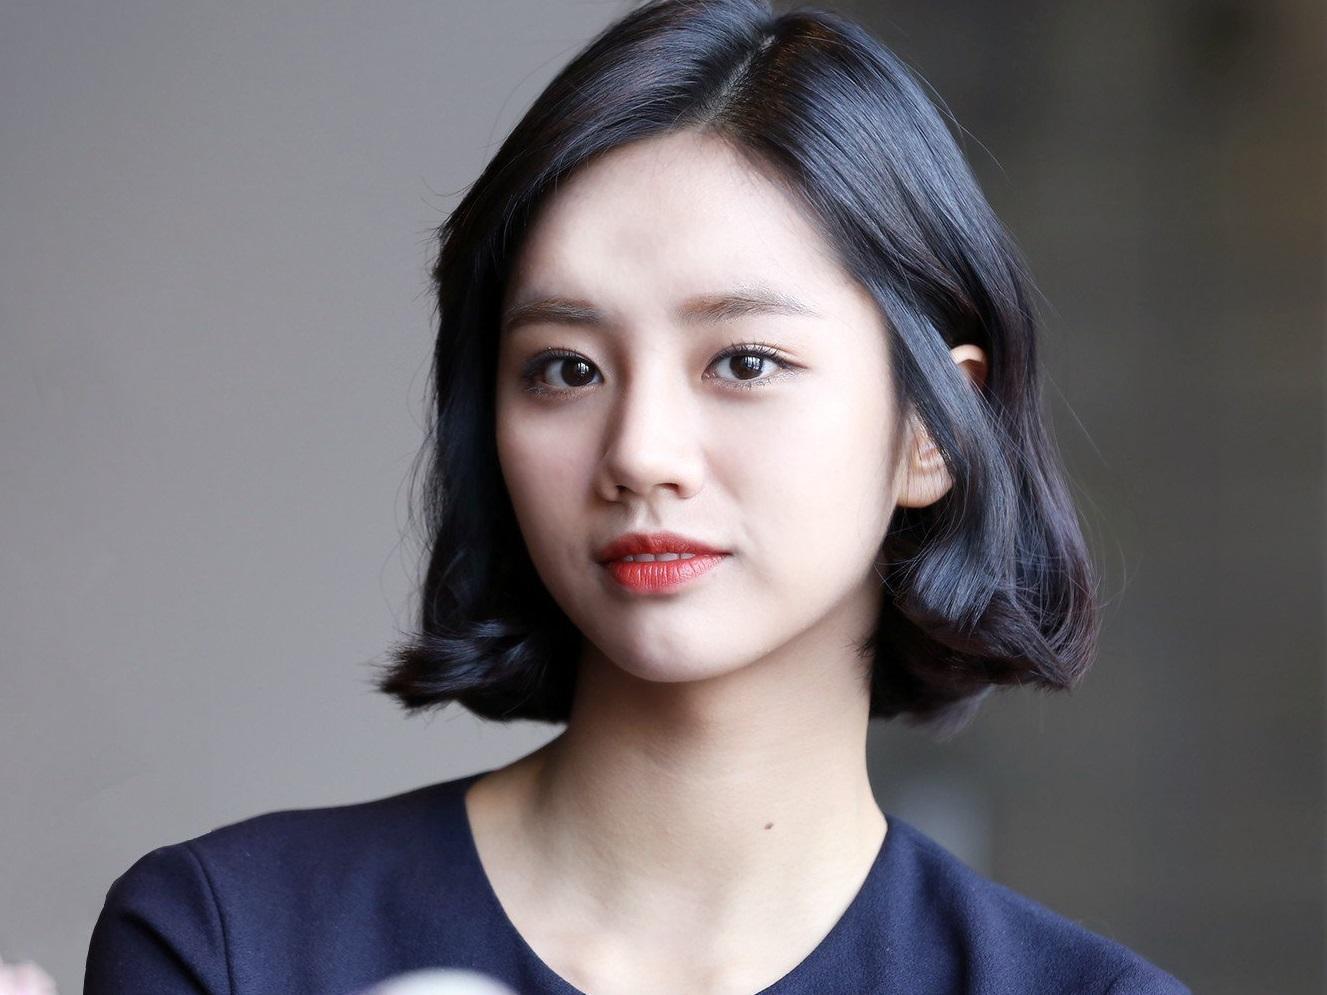 Sao Hàn 19/1: Nữ diễn viên 'Reply 1988' viết thư tay xin lỗi vì diễn xuất tệ hại